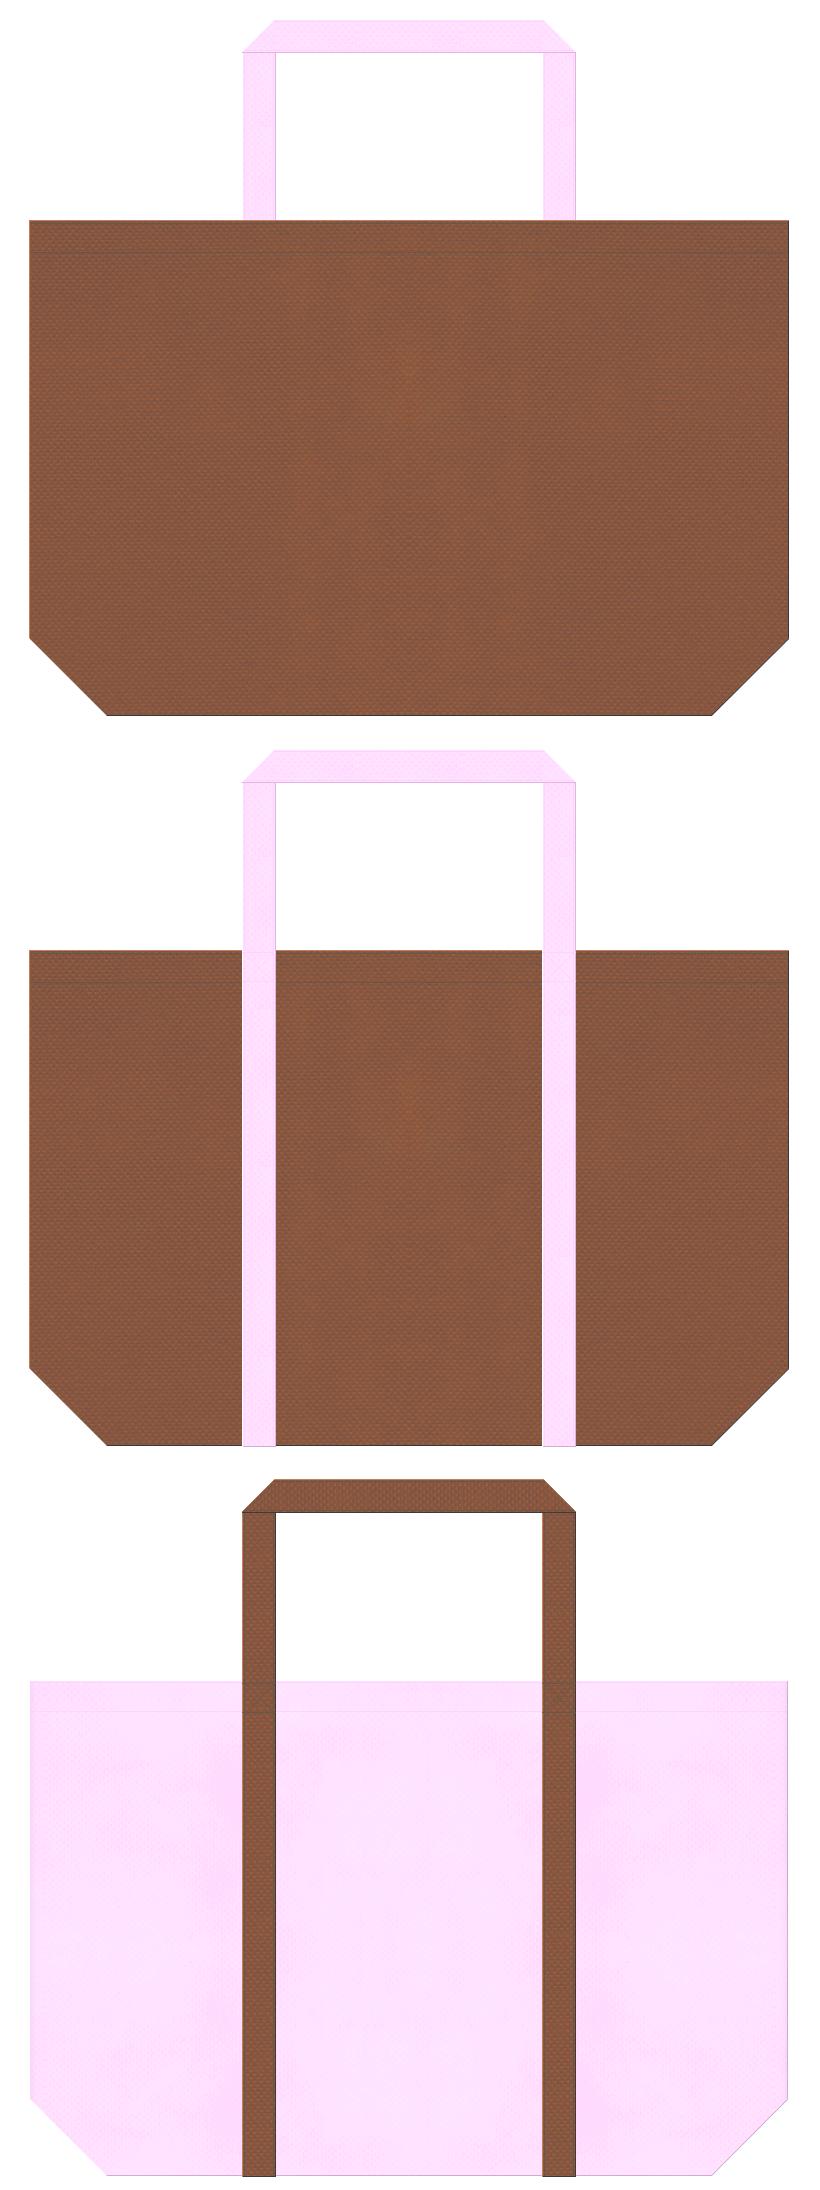 絵本・おとぎ話・ポニー・ベアー・子犬・手芸・ぬいぐるみ・いちごチョコ・ガーリーデザイン・アニマルケア・ペットショップ・ペットサロン・ペット用品・ペットフードのショッピングバッグにお奨めの不織布バッグデザイン:茶色と明るいピンク色のコーデ